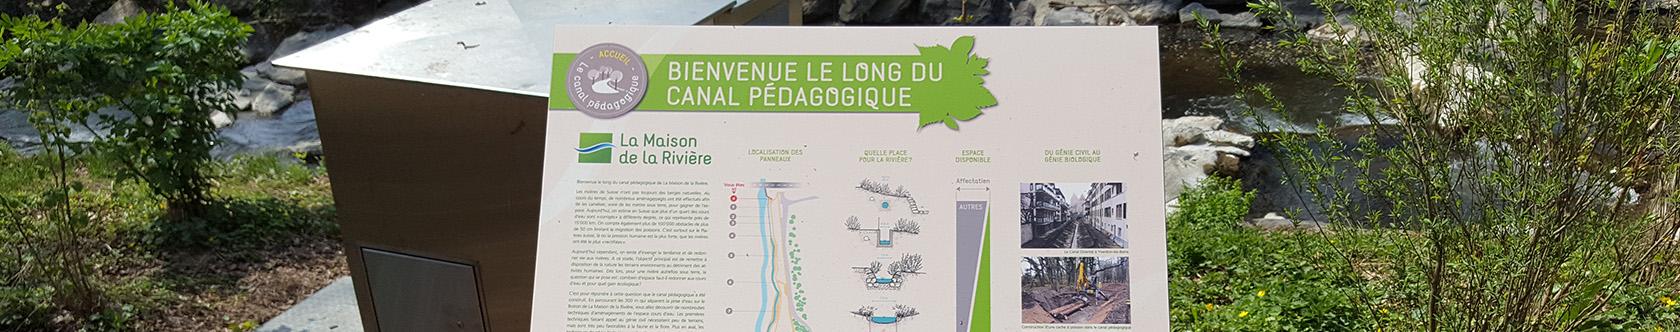 Canal didactique de la Maison de la Rivière